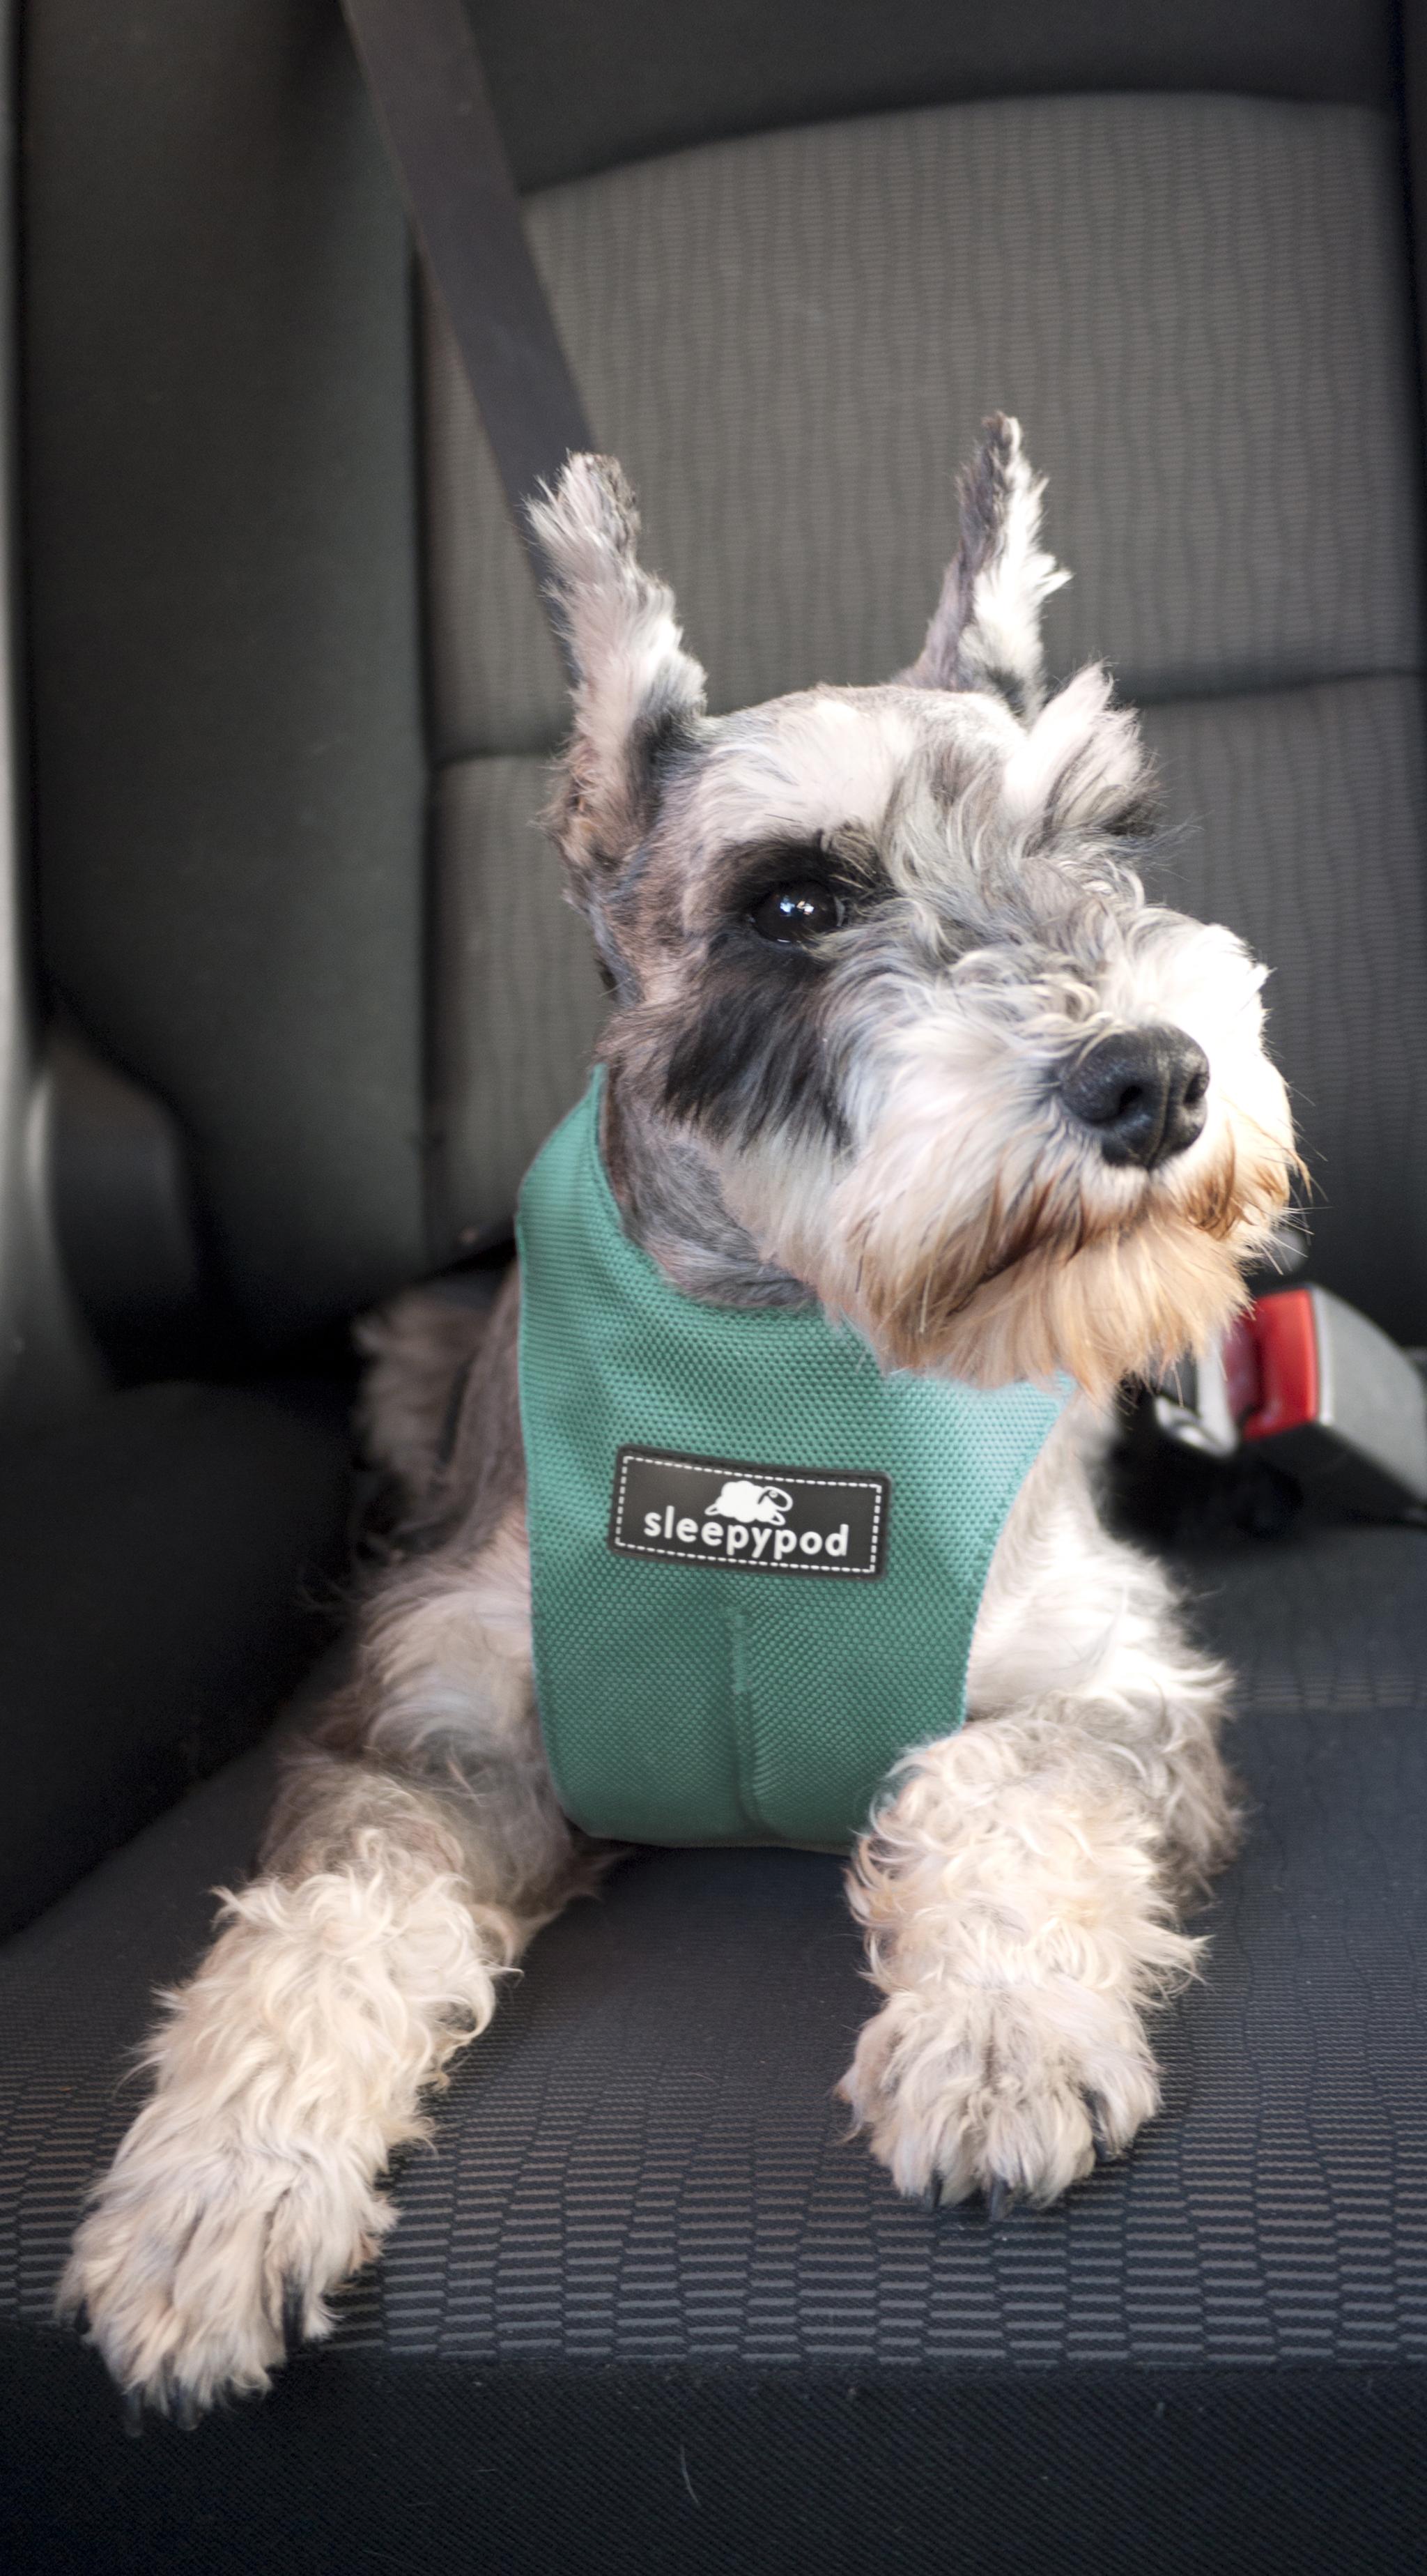 Hund med Sleepypod 3-punktsväst Bilbälte i bilen